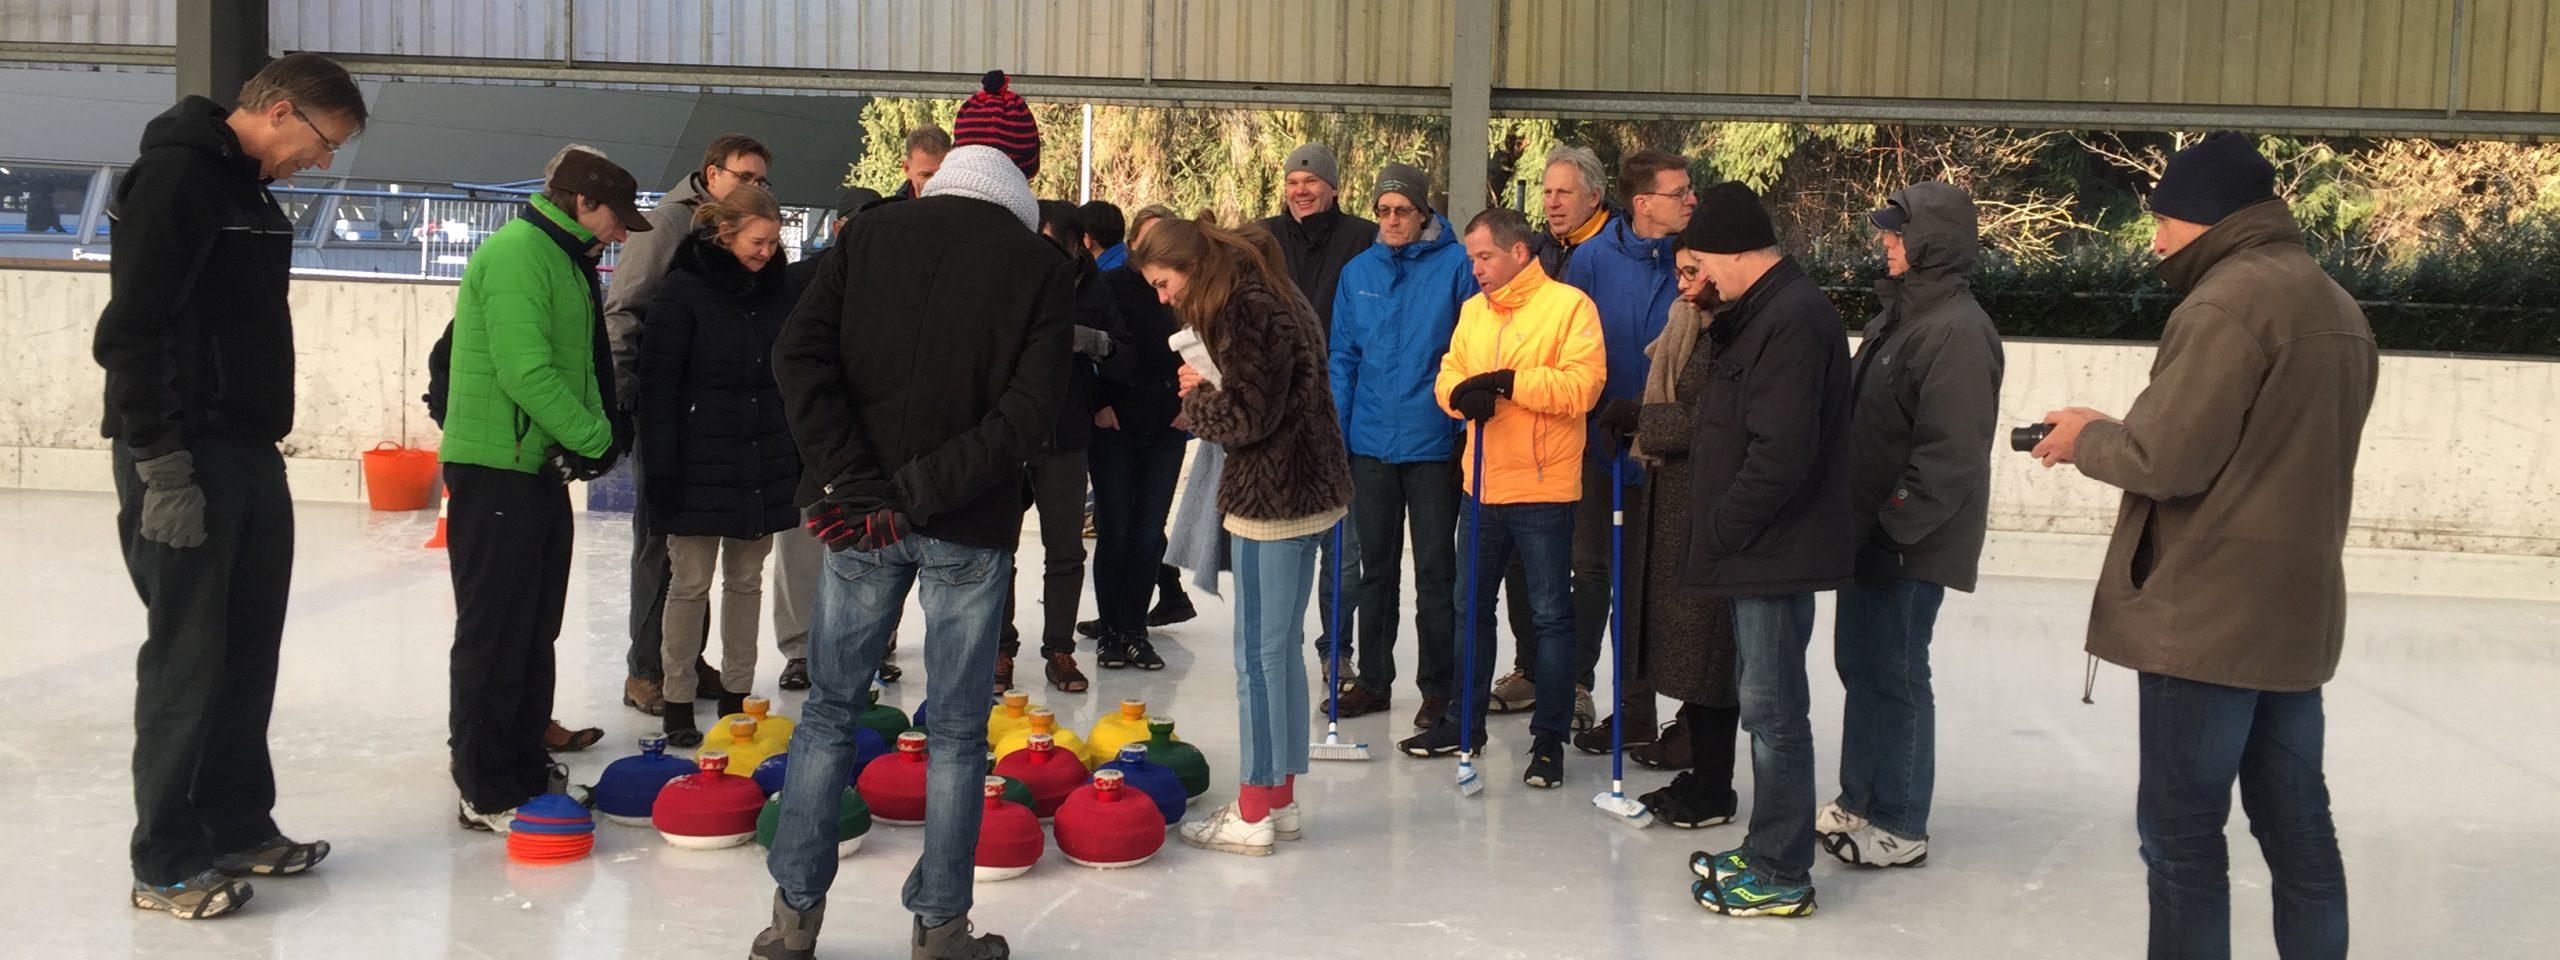 teamuitje-den-bosch-workshops-curling